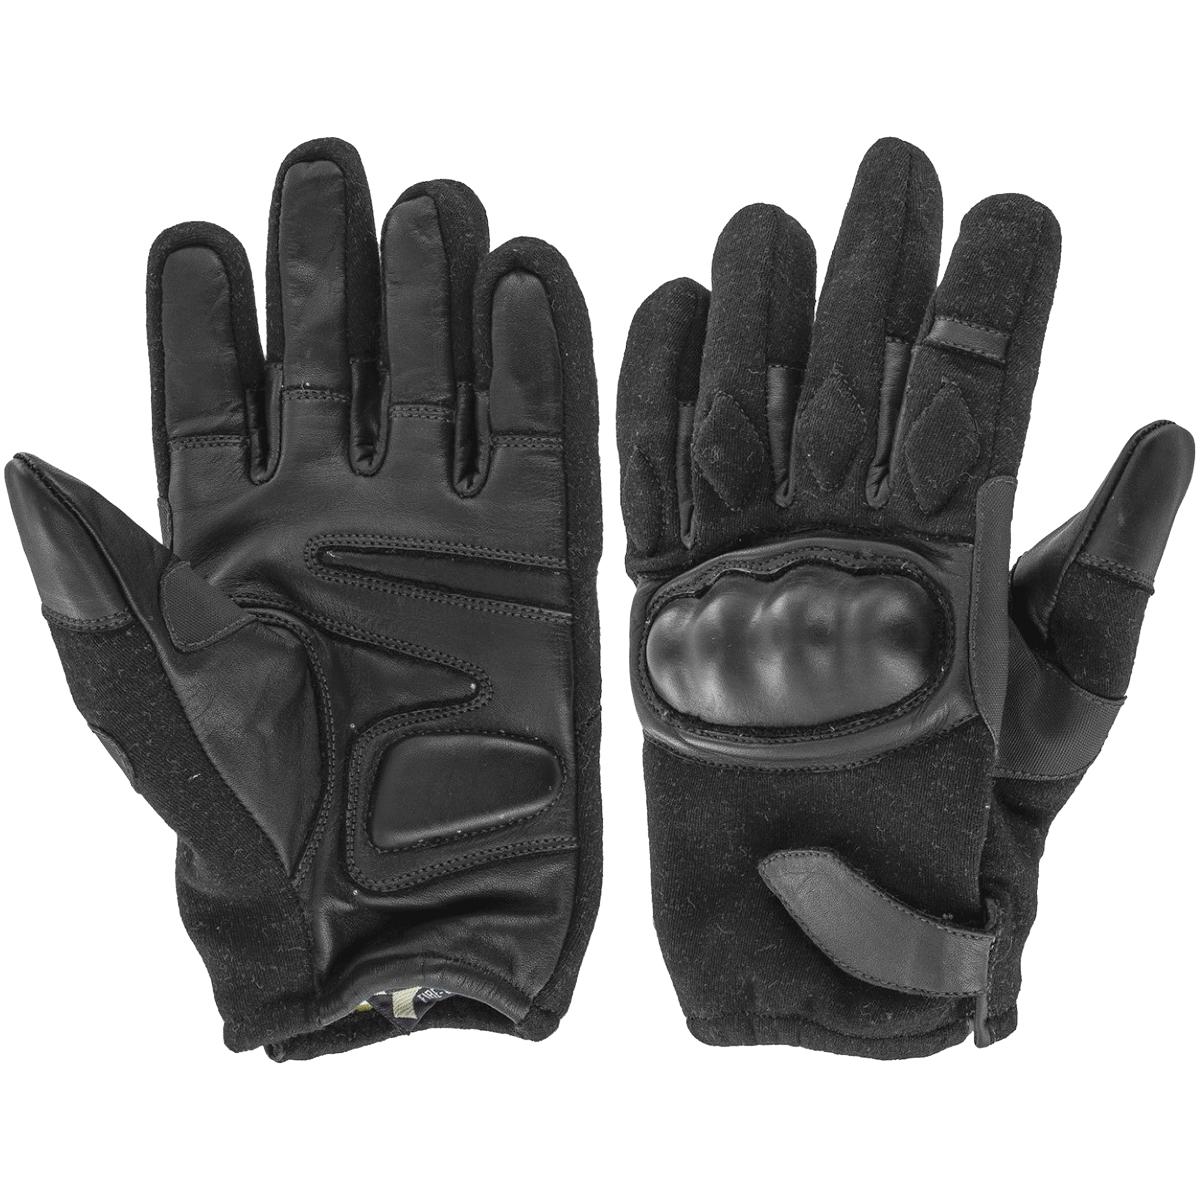 Black leather combat gloves - Highlander Bravo Gloves Black Highlander Bravo Gloves Black